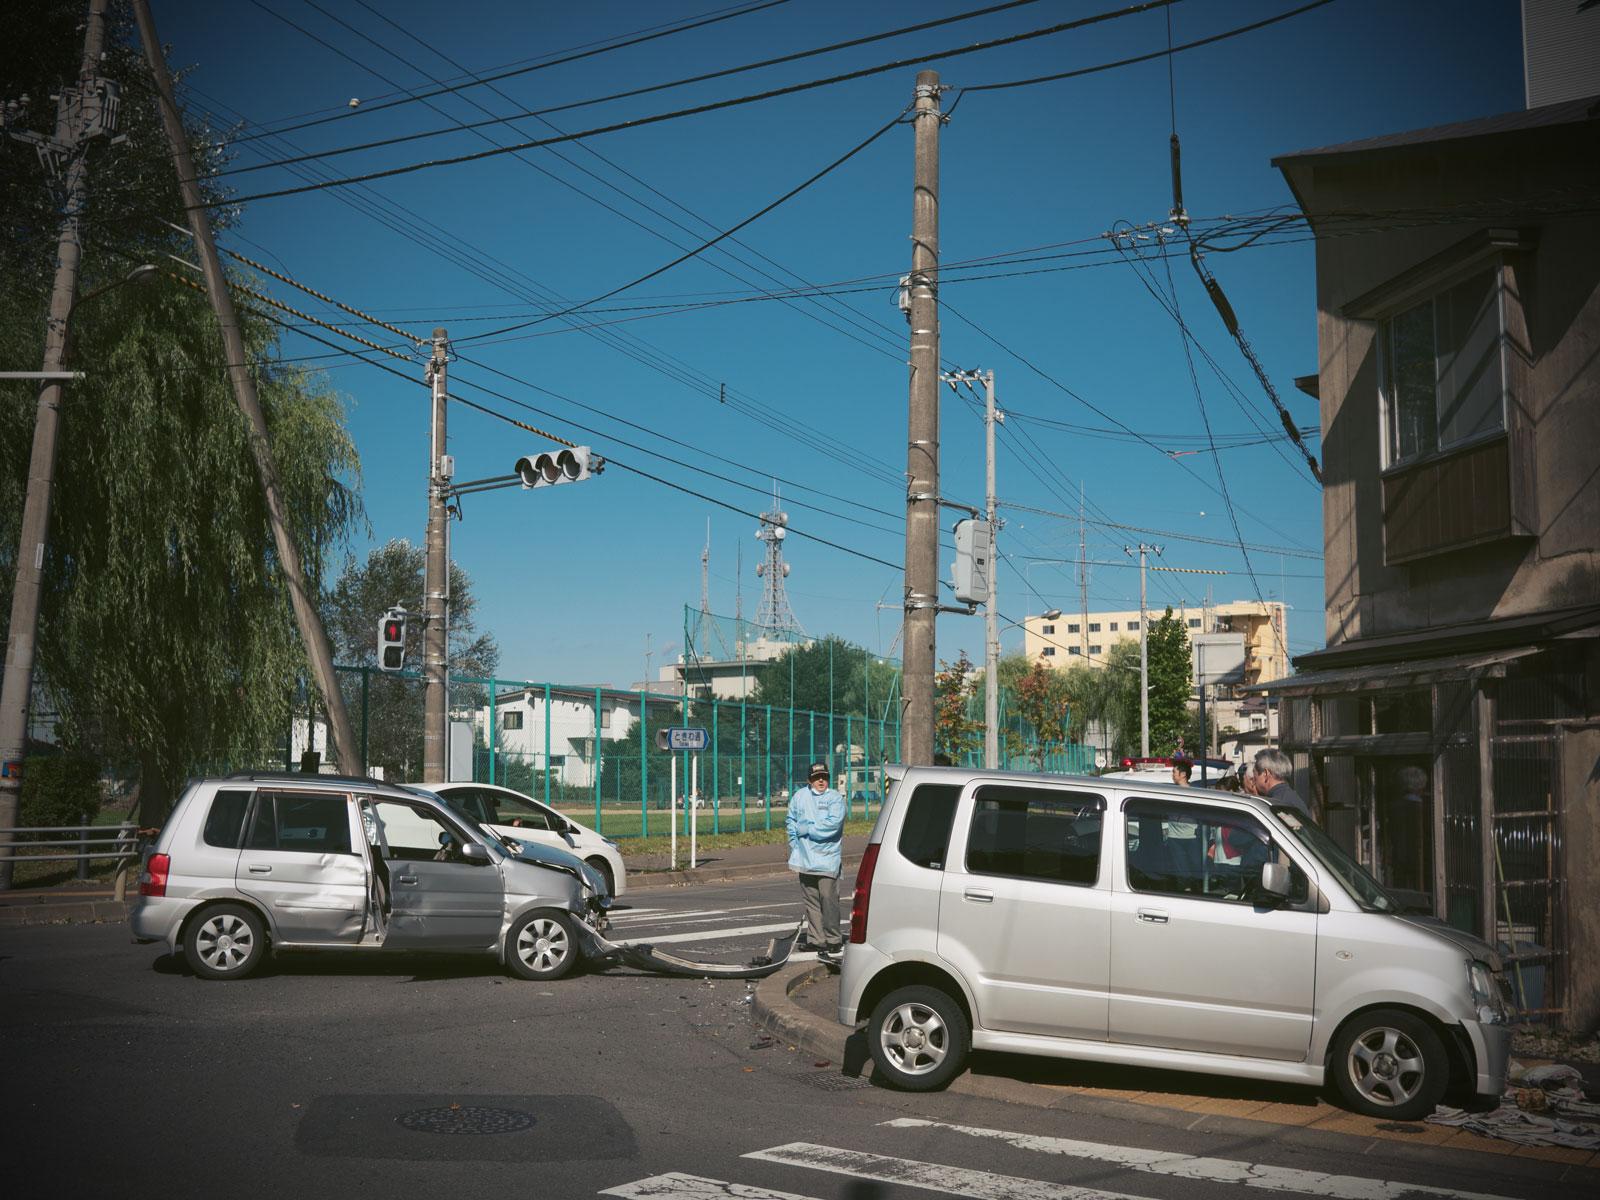 函館市梁川町シュウェットカカオ近くの交差点での事故 軽四と普通車が衝突